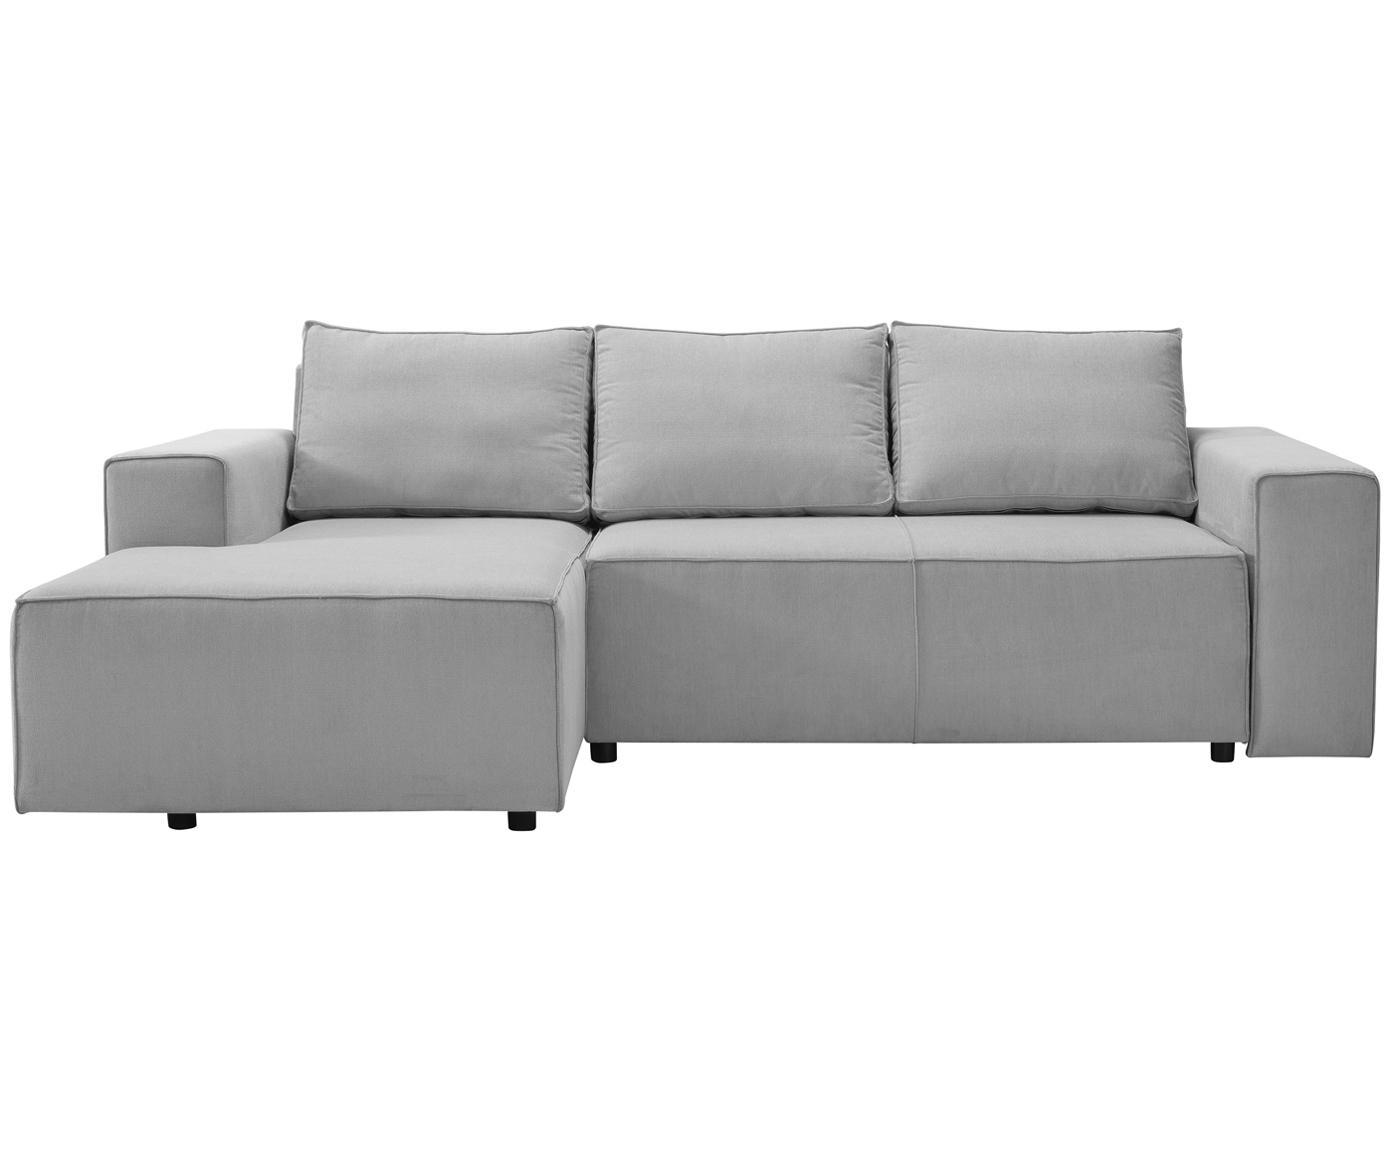 Ecksofa mit Schlaffunktion Klarälven, Bezug: 55% Polyester, 38% Acetat, Beine: Eichenholz, lackiert, Webstoff Grau, B 252 x T 160 cm